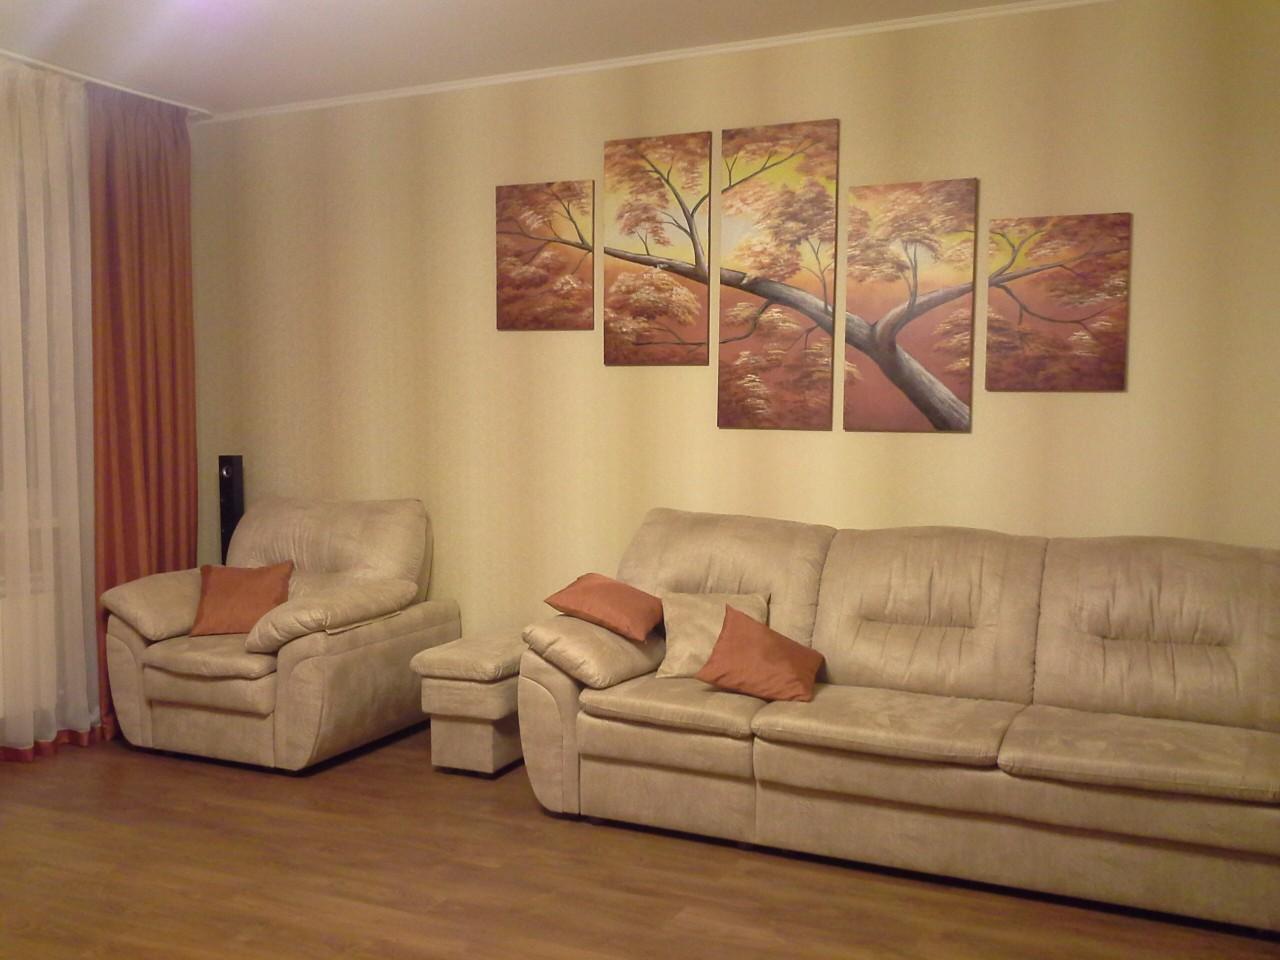 картина для зала над диваном будущего